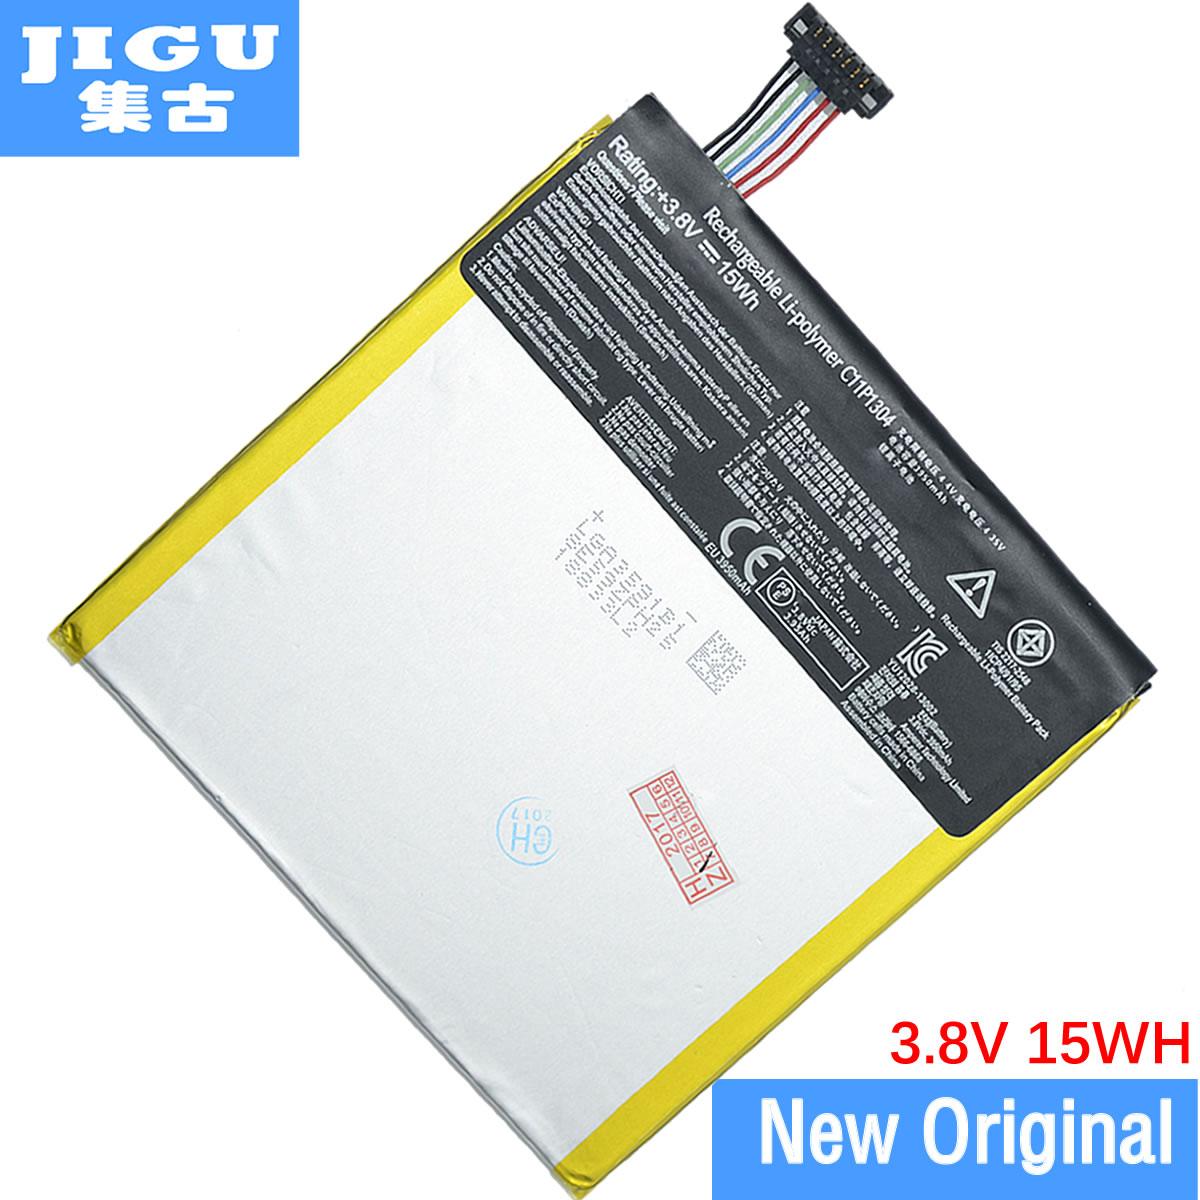 JIGU batería de reemplazo C11P1304 para Asus Memo pad HD 7 me173x...